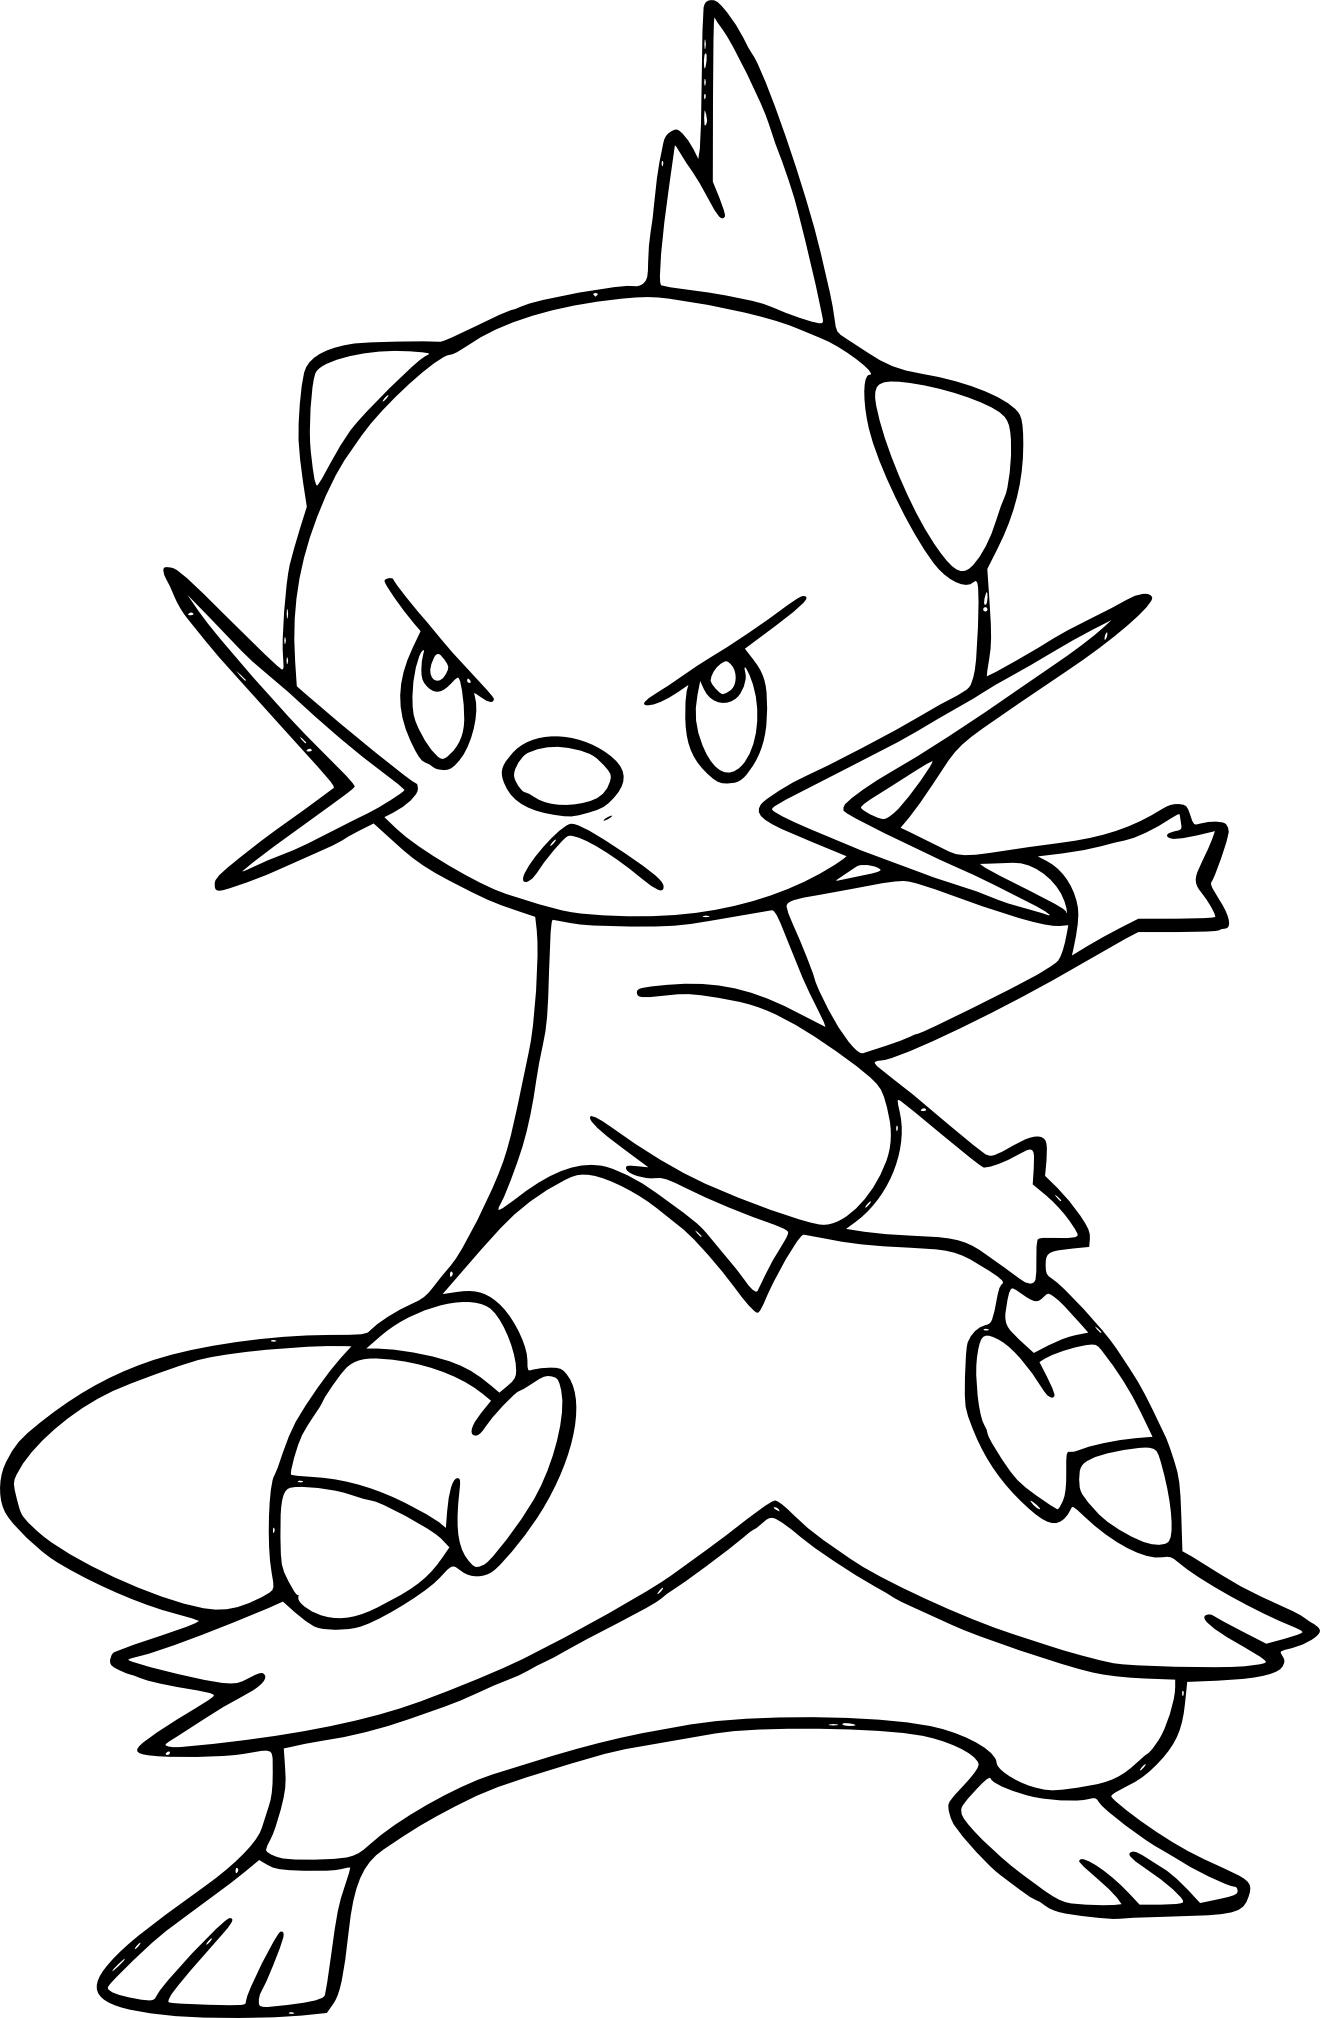 Mateloutre : Coloriage Mateloutre Pokemon à imprimer et colorier